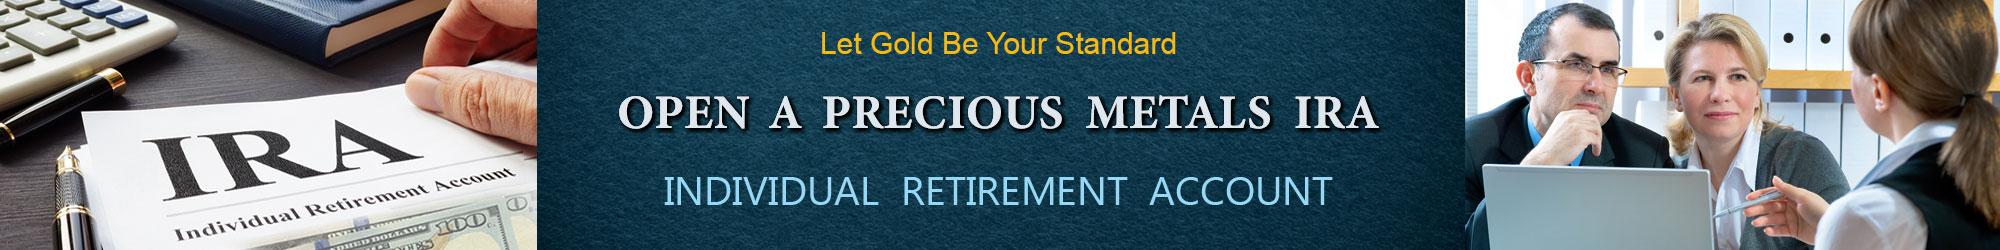 Open a precious metals IRA -  Individual Retirement Account